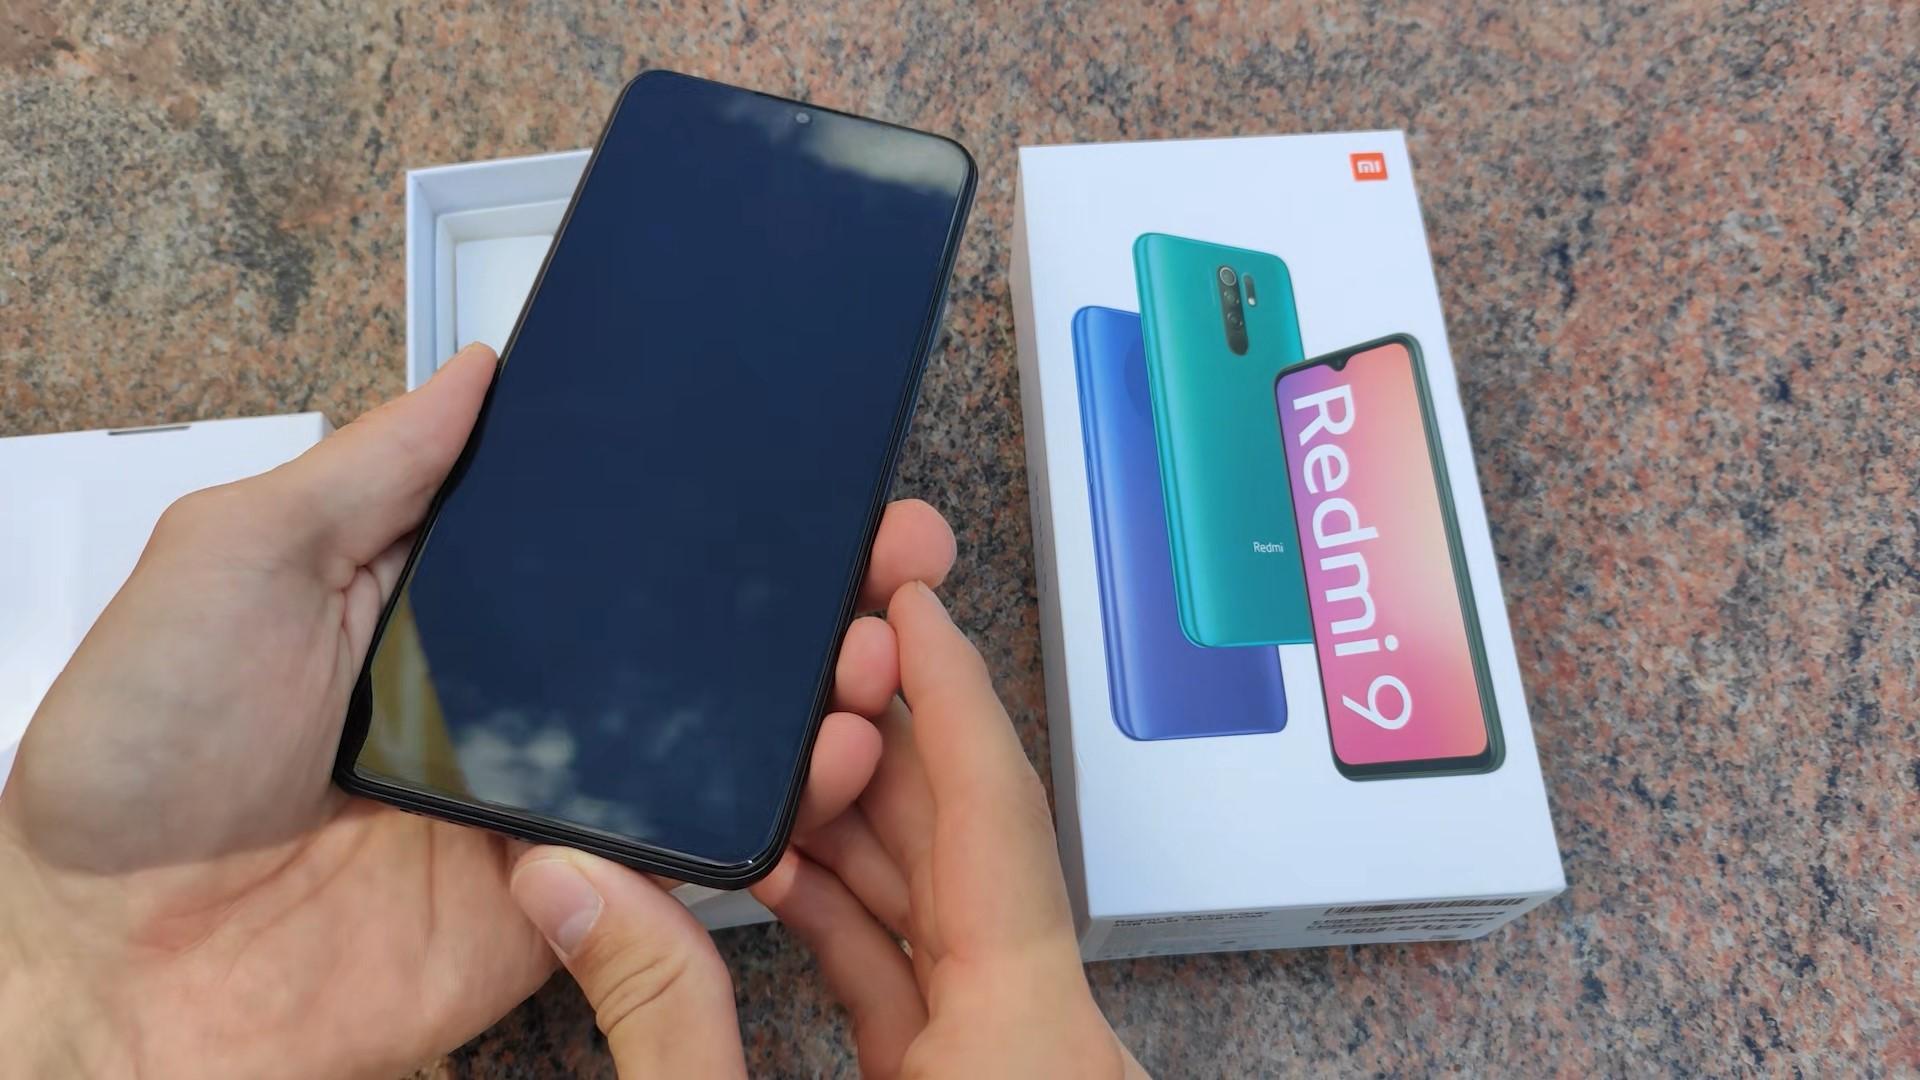 смартфон Redmi 9 с плёнкой